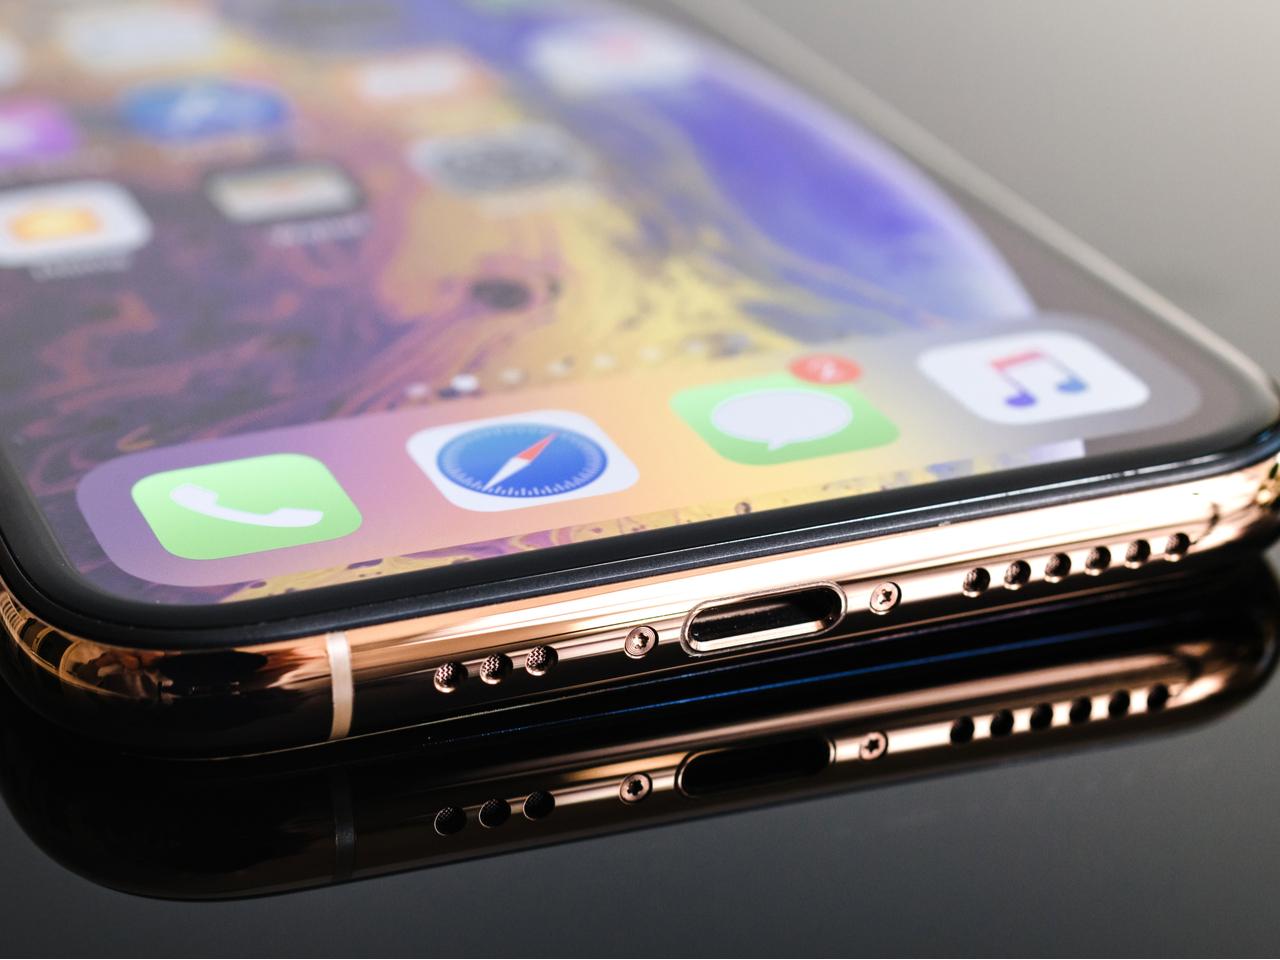 🍏 Errores de código que pueden inutilizar cualquier dispositivo Apple